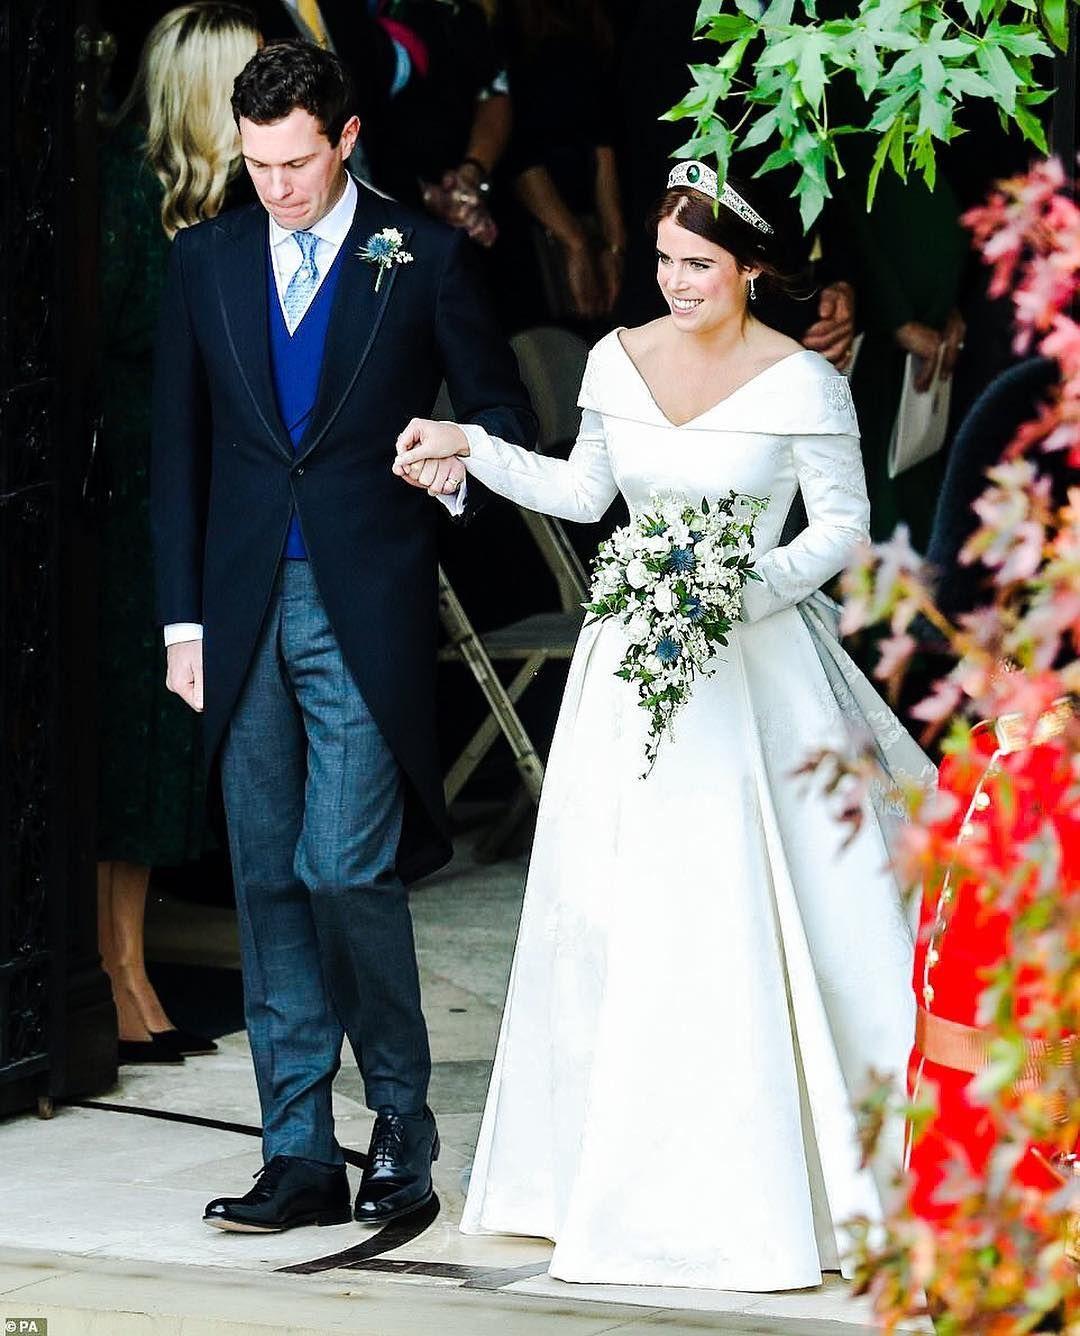 Gefallt 39 Mal 0 Kommentare Beatrice Amp Eugenie Beatriceandeugenieofyork Auf Instagram Swipe Konigliche Hochzeitskleider Prinzessin Hochzeit Braut